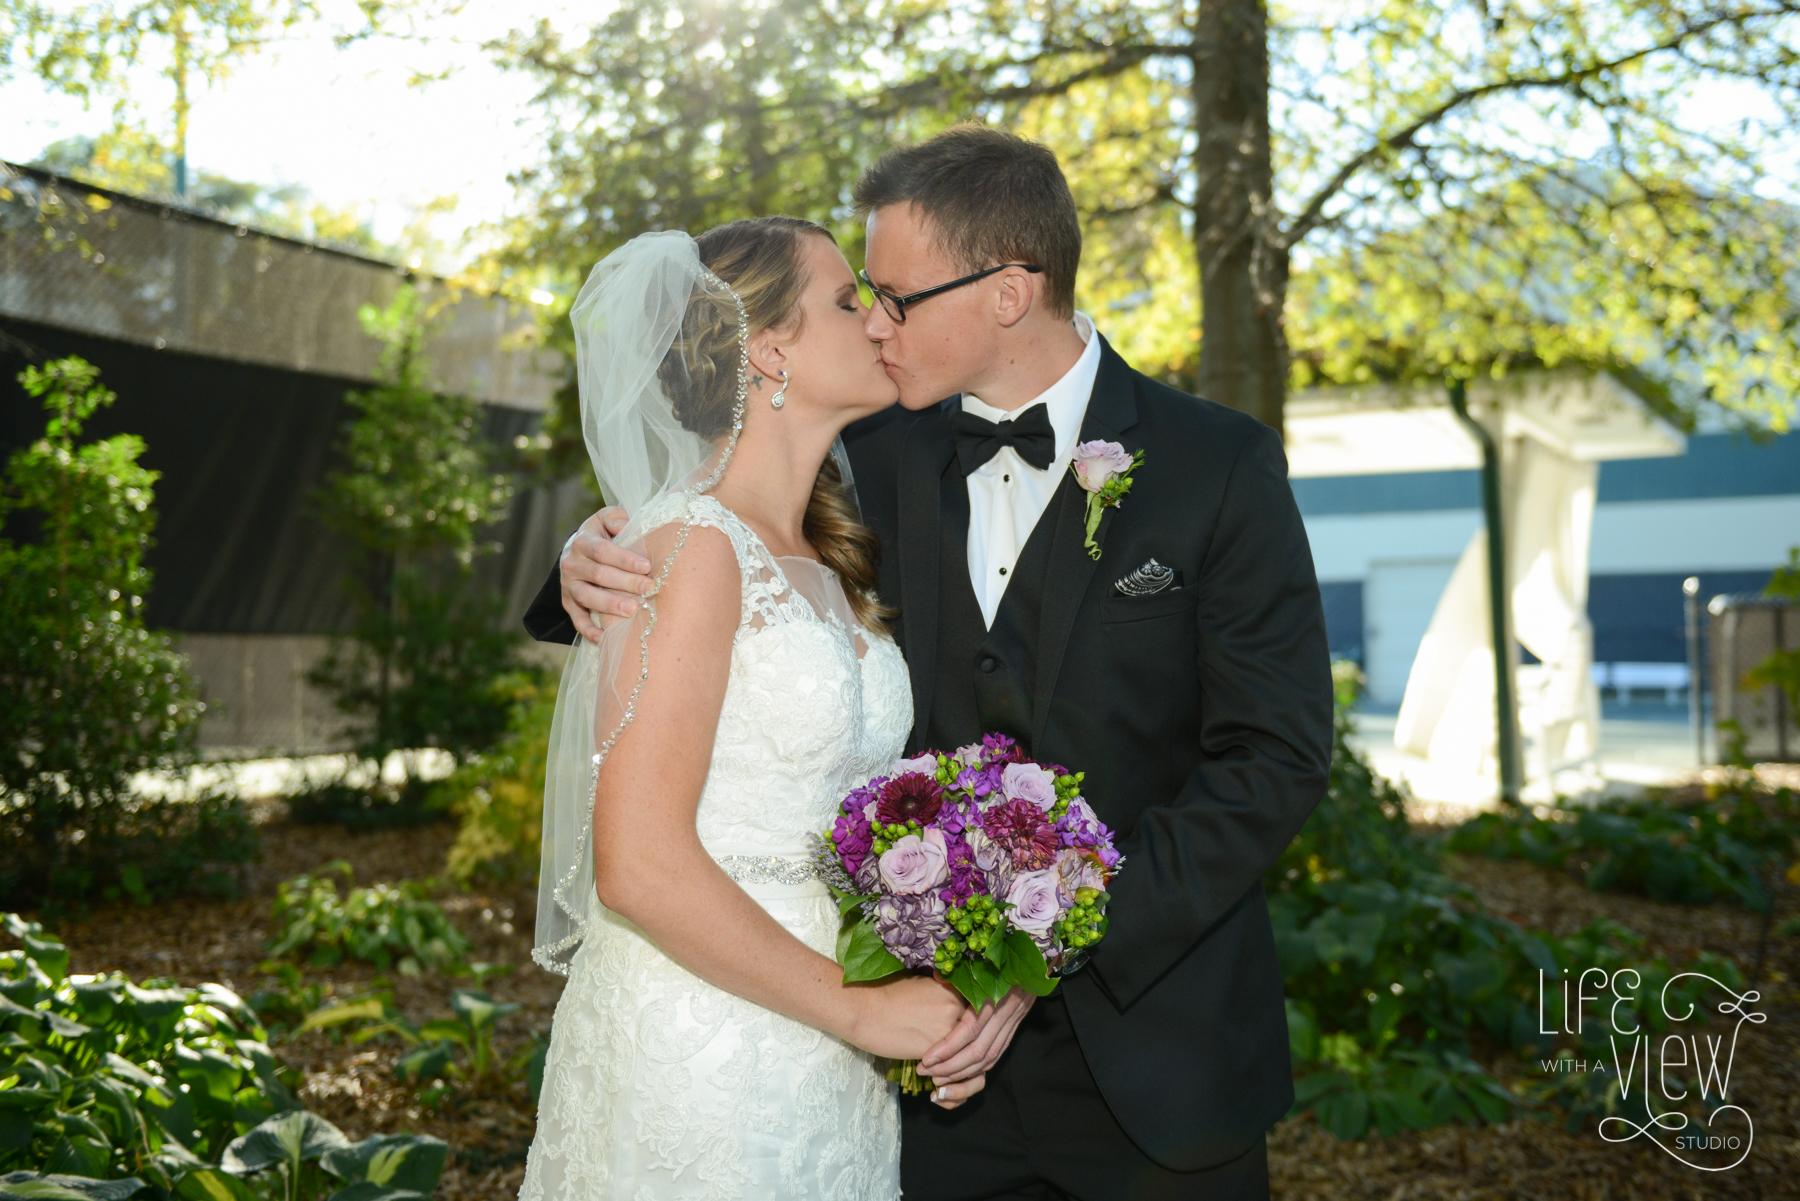 Manker-Patten-Wedding-31.jpg